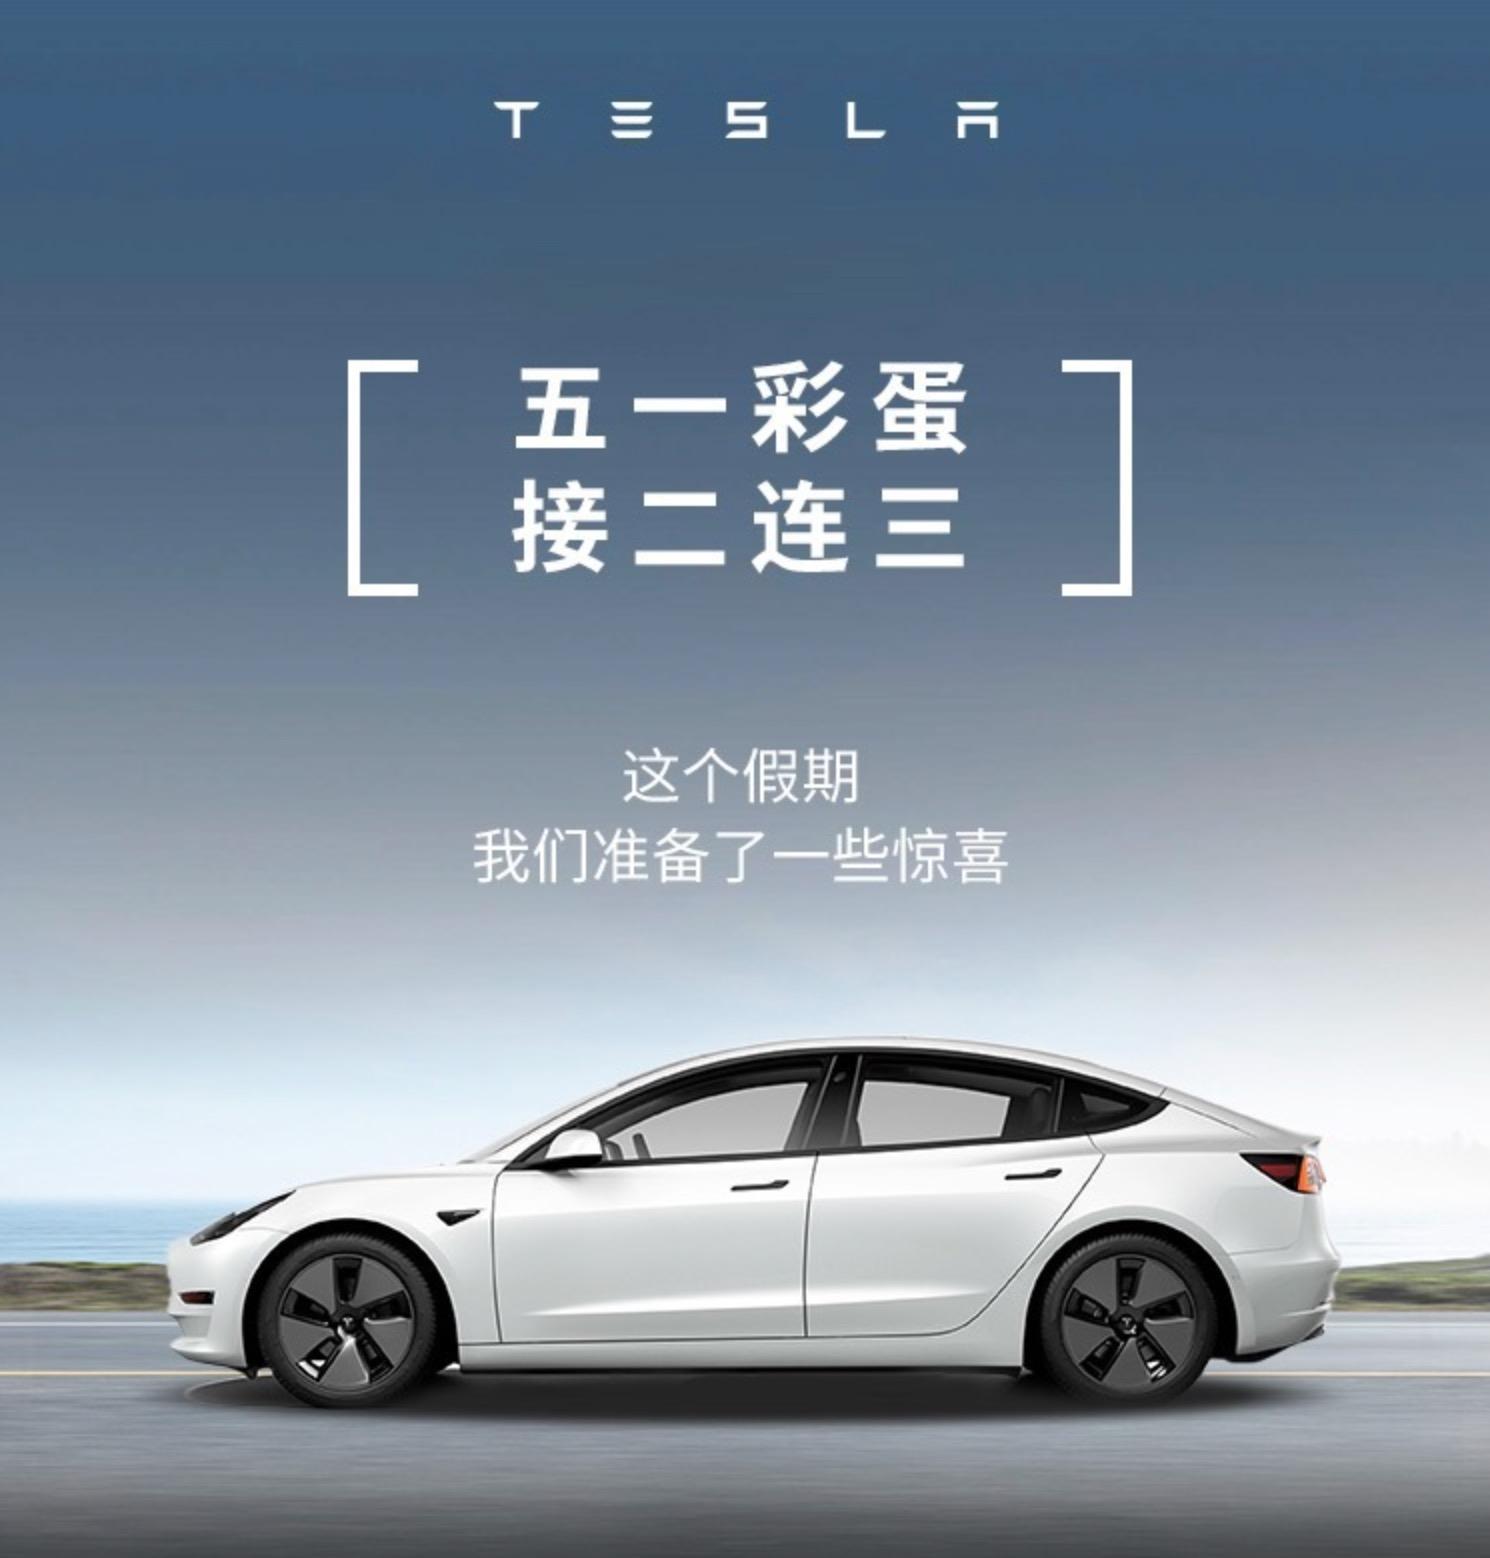 Tesla запускает бонусы ко Дню труда в Китае с пробной версией EAP, скидками на фильтры HEPA и многим другим